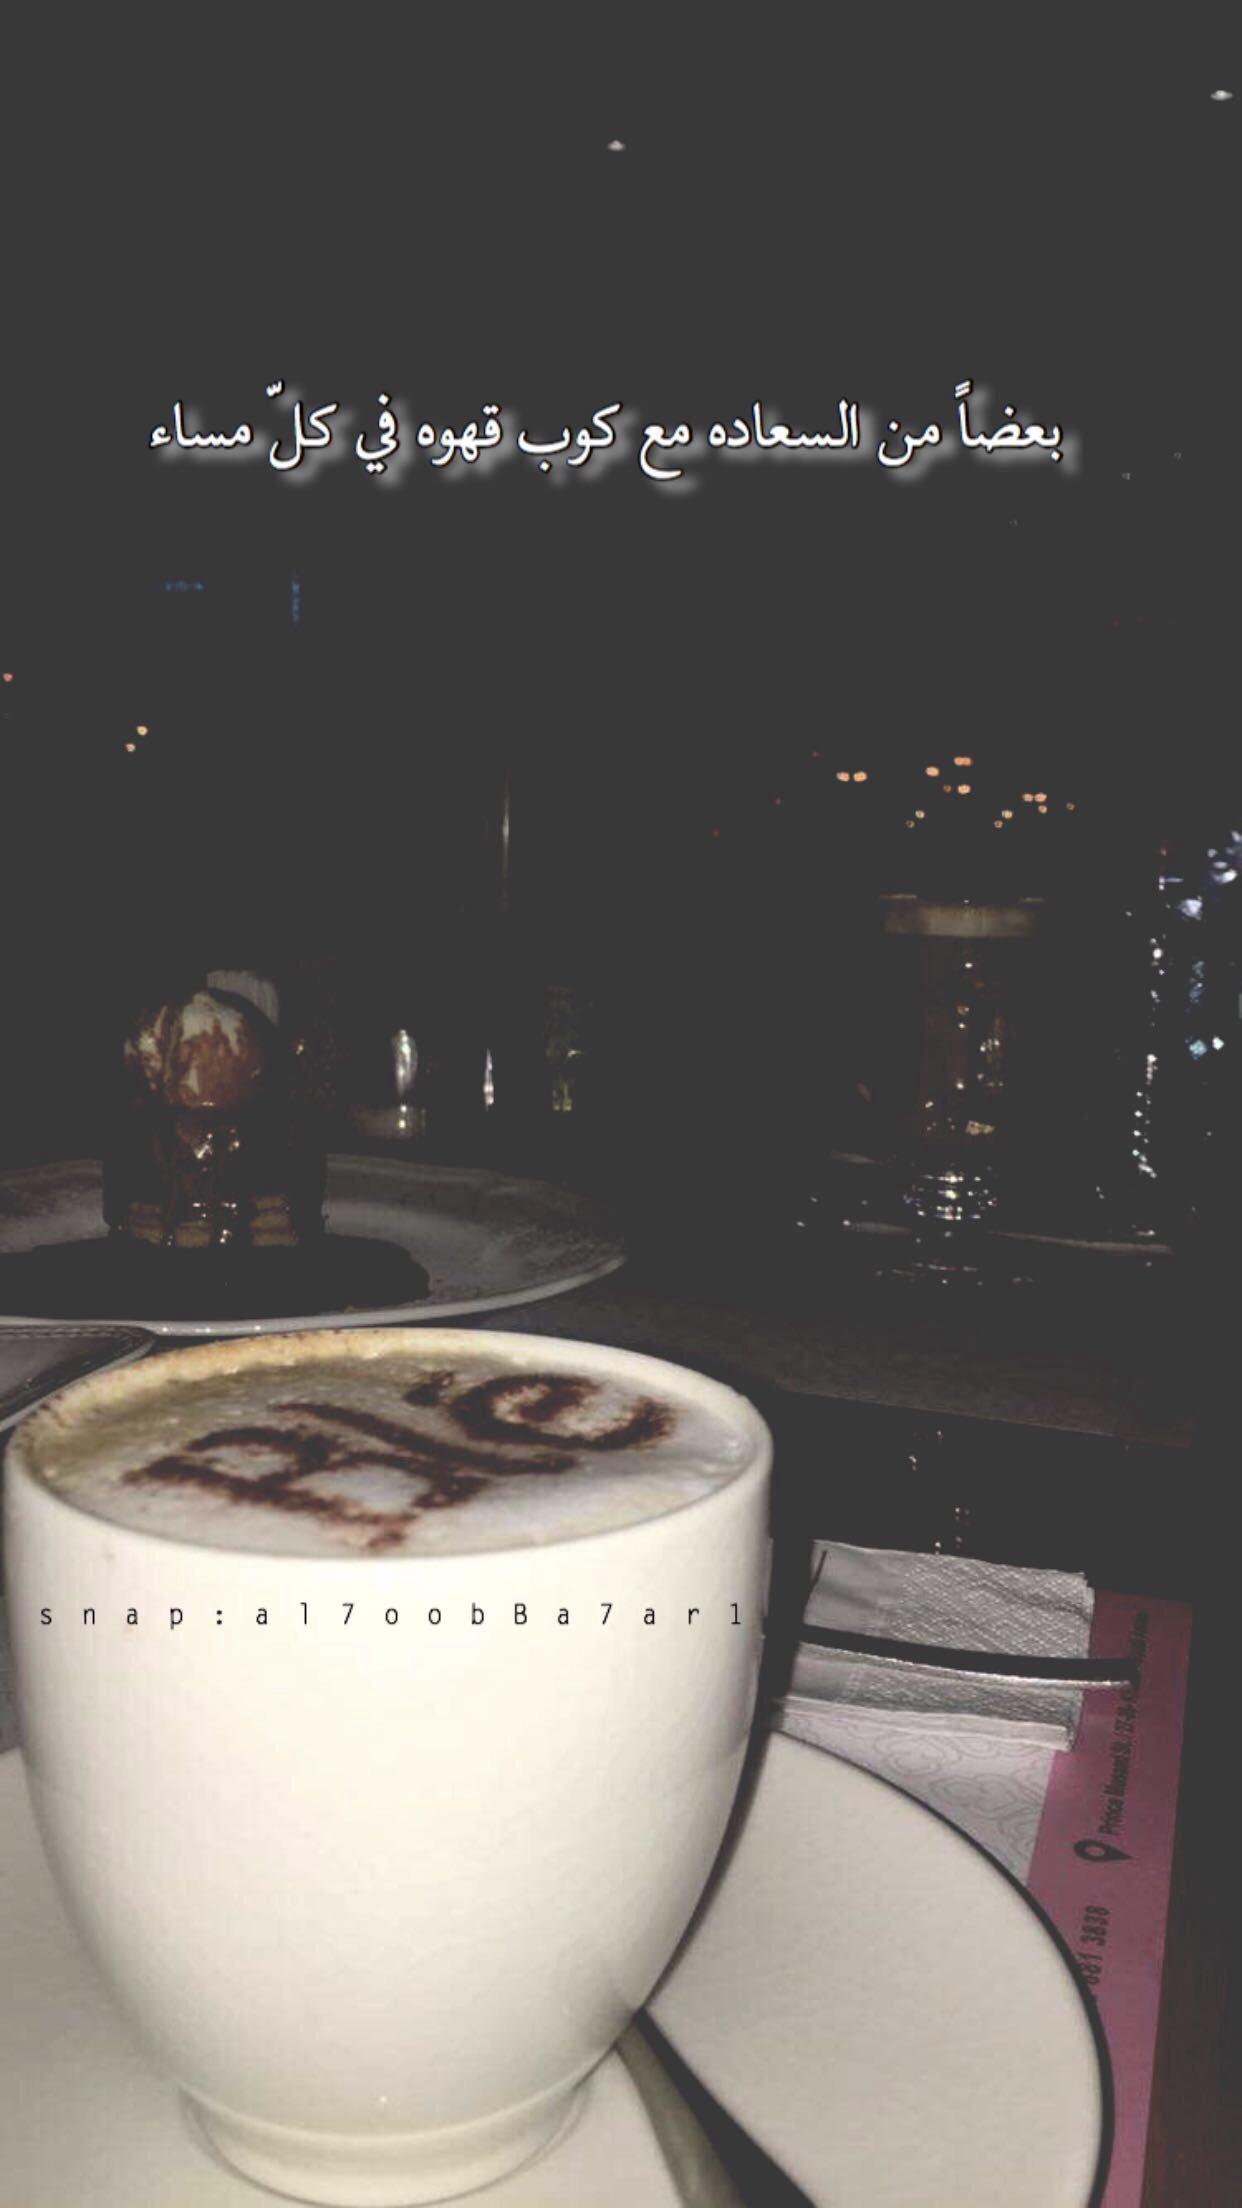 همسة بعض ا من الس عادة مع كوب قهوة في كل مساء تصويري تصويري سناب تصميمي تصميم فونتو Phonto وقت وقت القهوة كوفي الخ Glassware Tableware